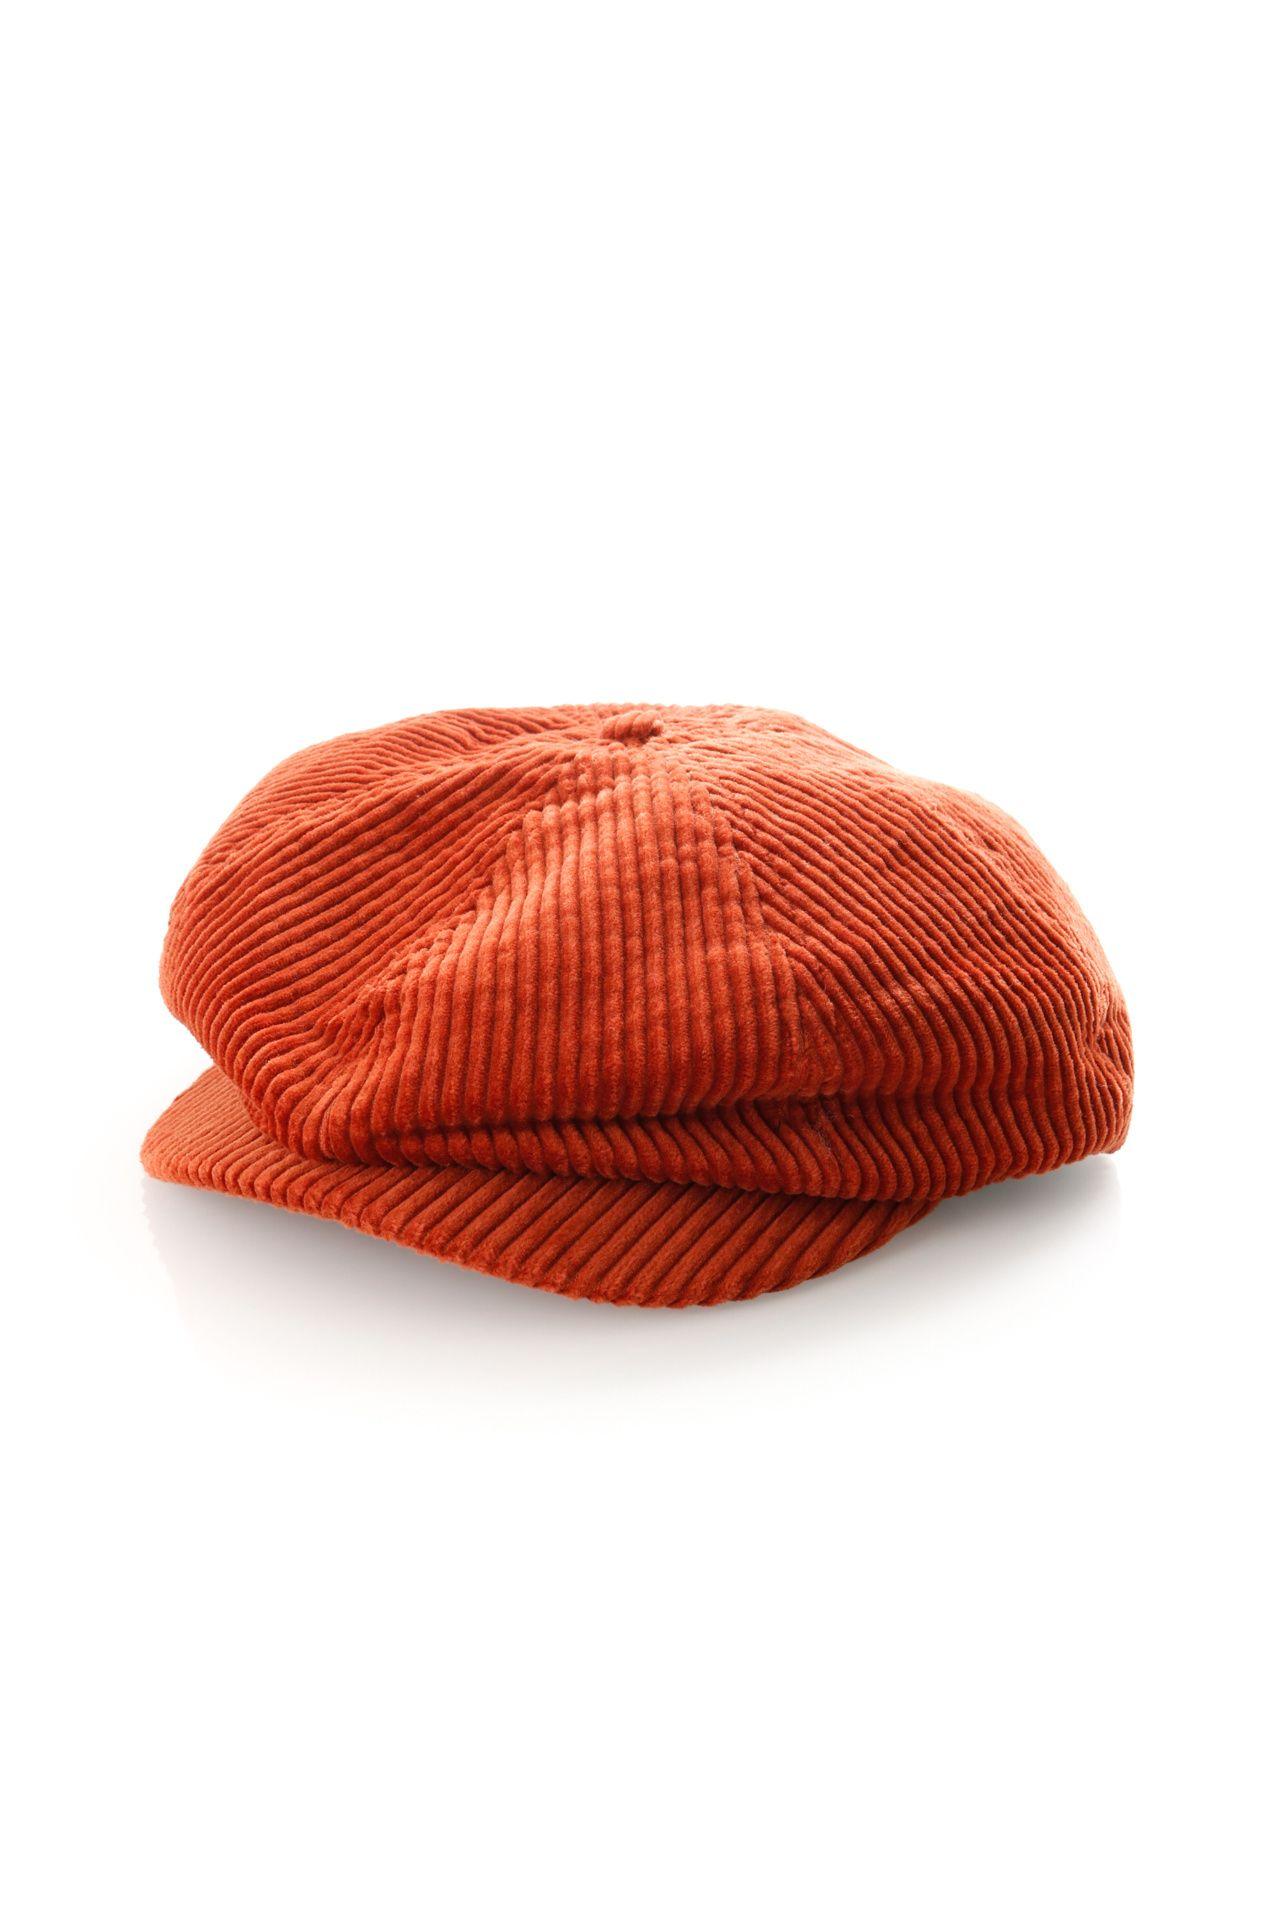 Afbeelding van Brixton Flatcap Brood Cord Snap Cap Picante 10423